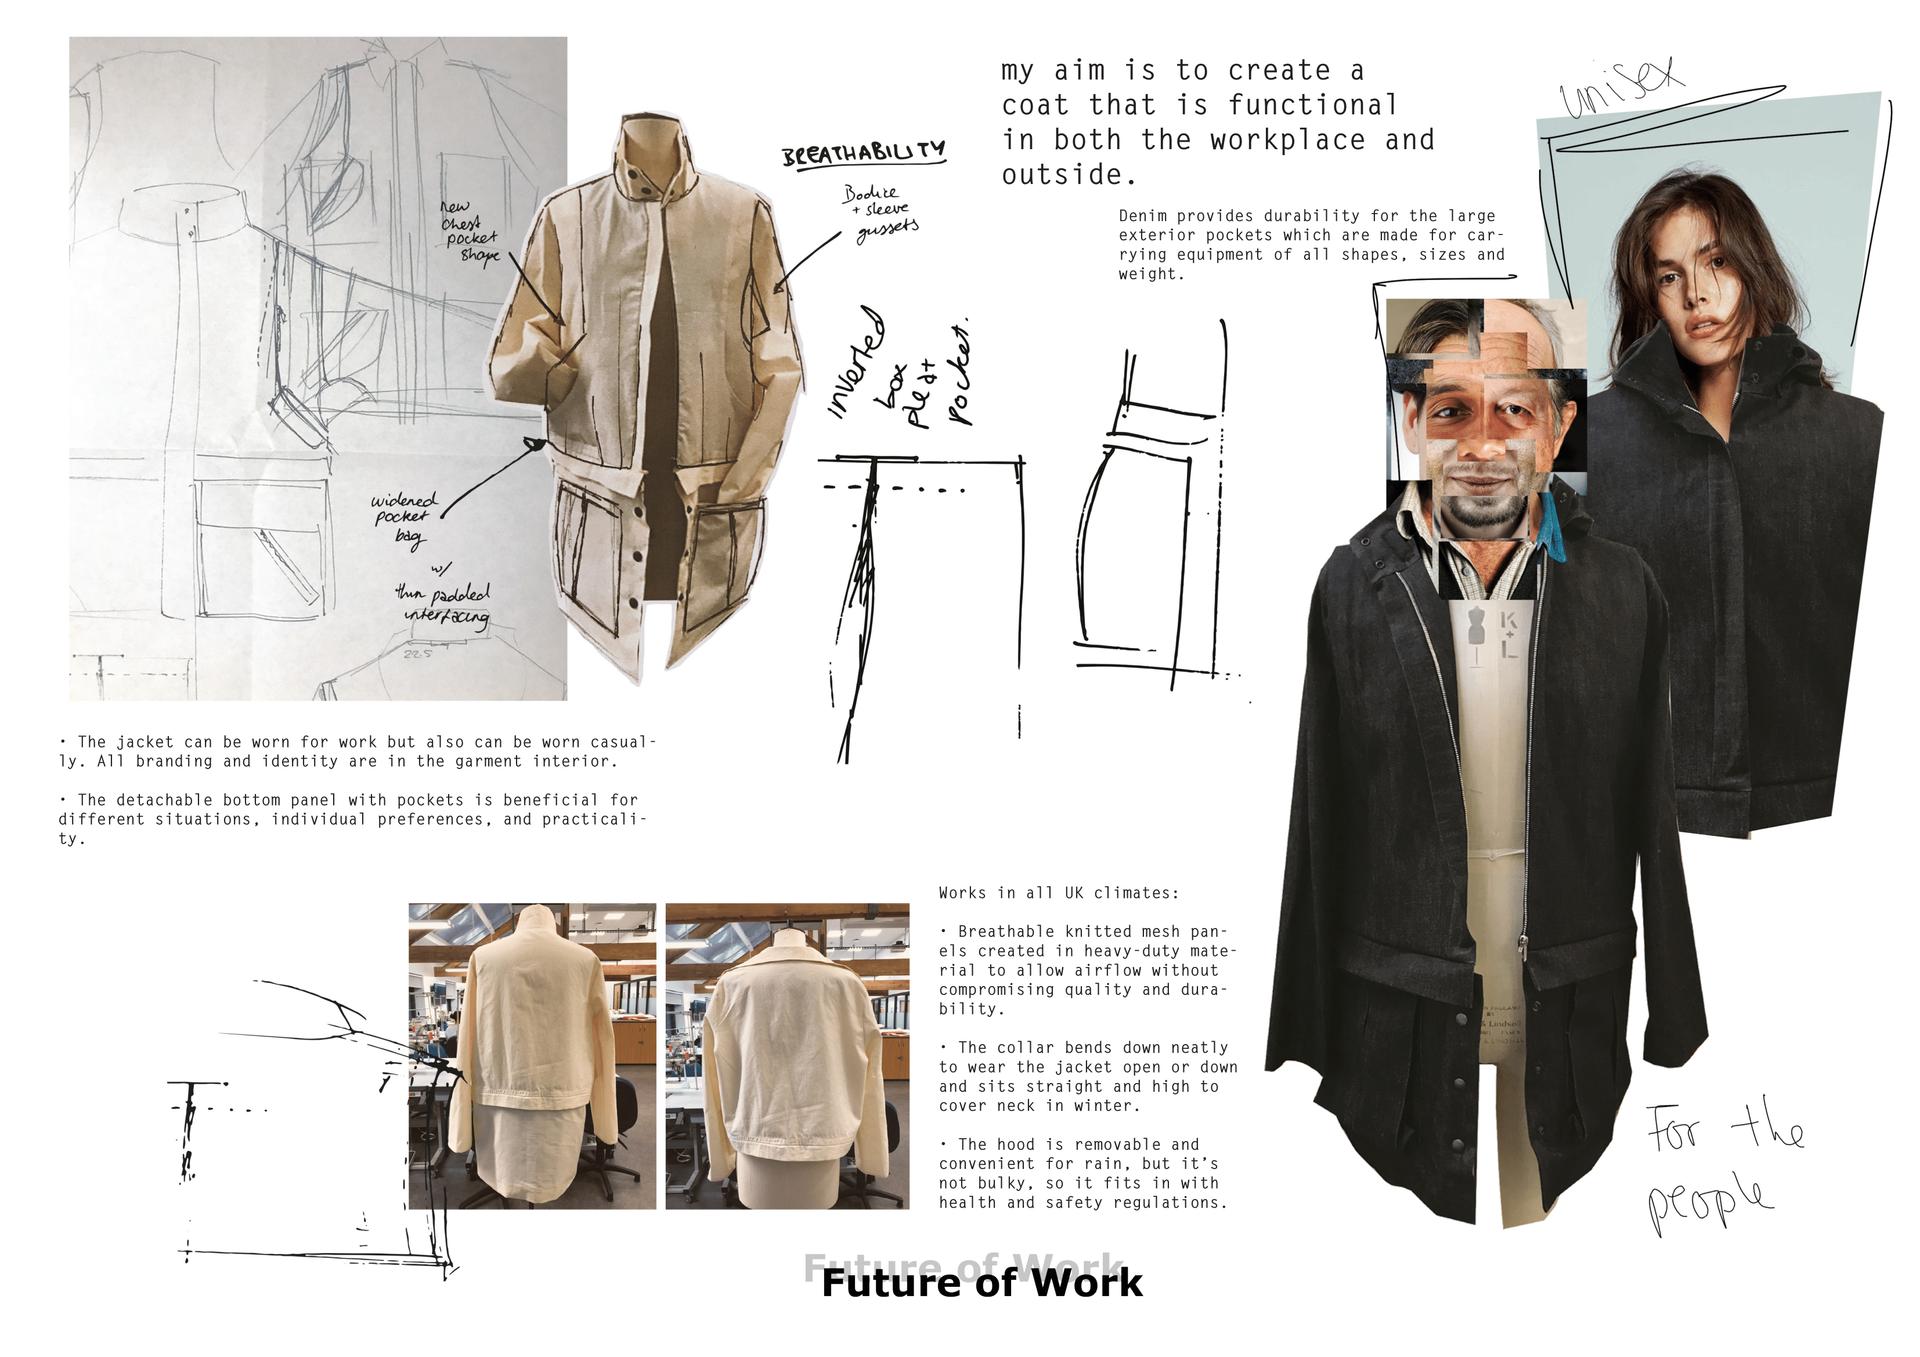 Coat Development